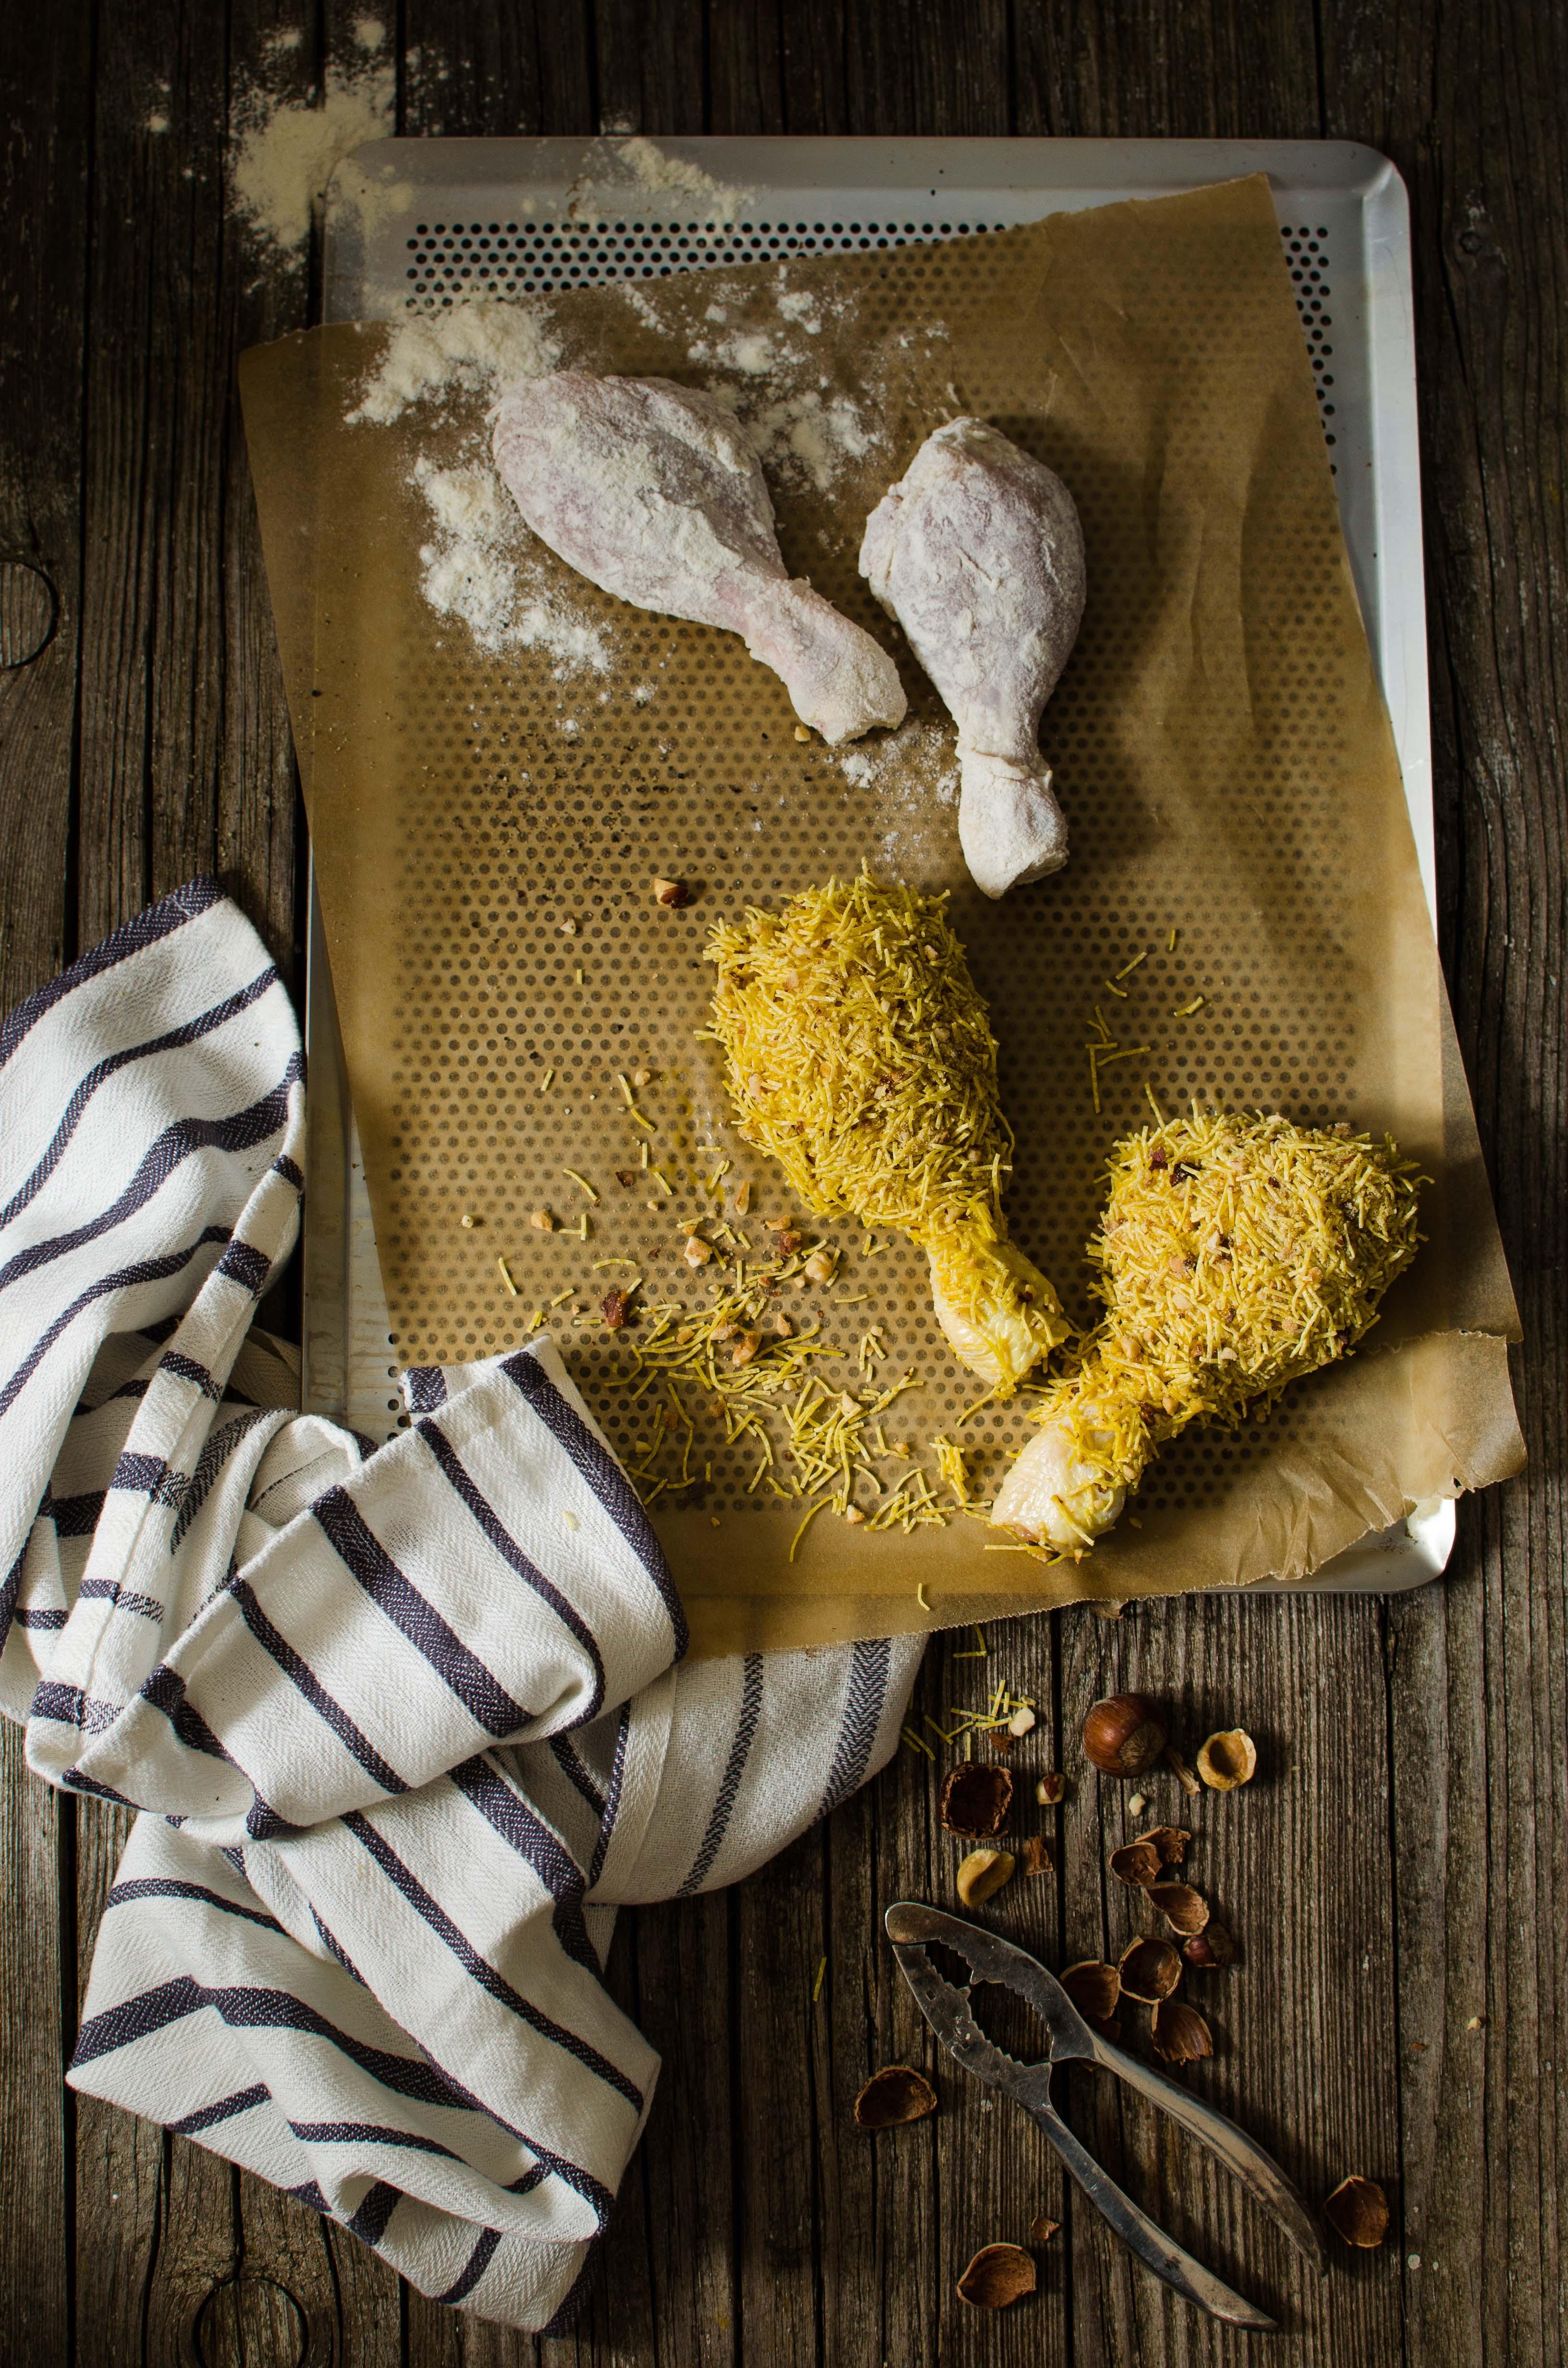 pollo_fritto_mtc Pollo fritto croccante con nocciole, spezie e Rhum